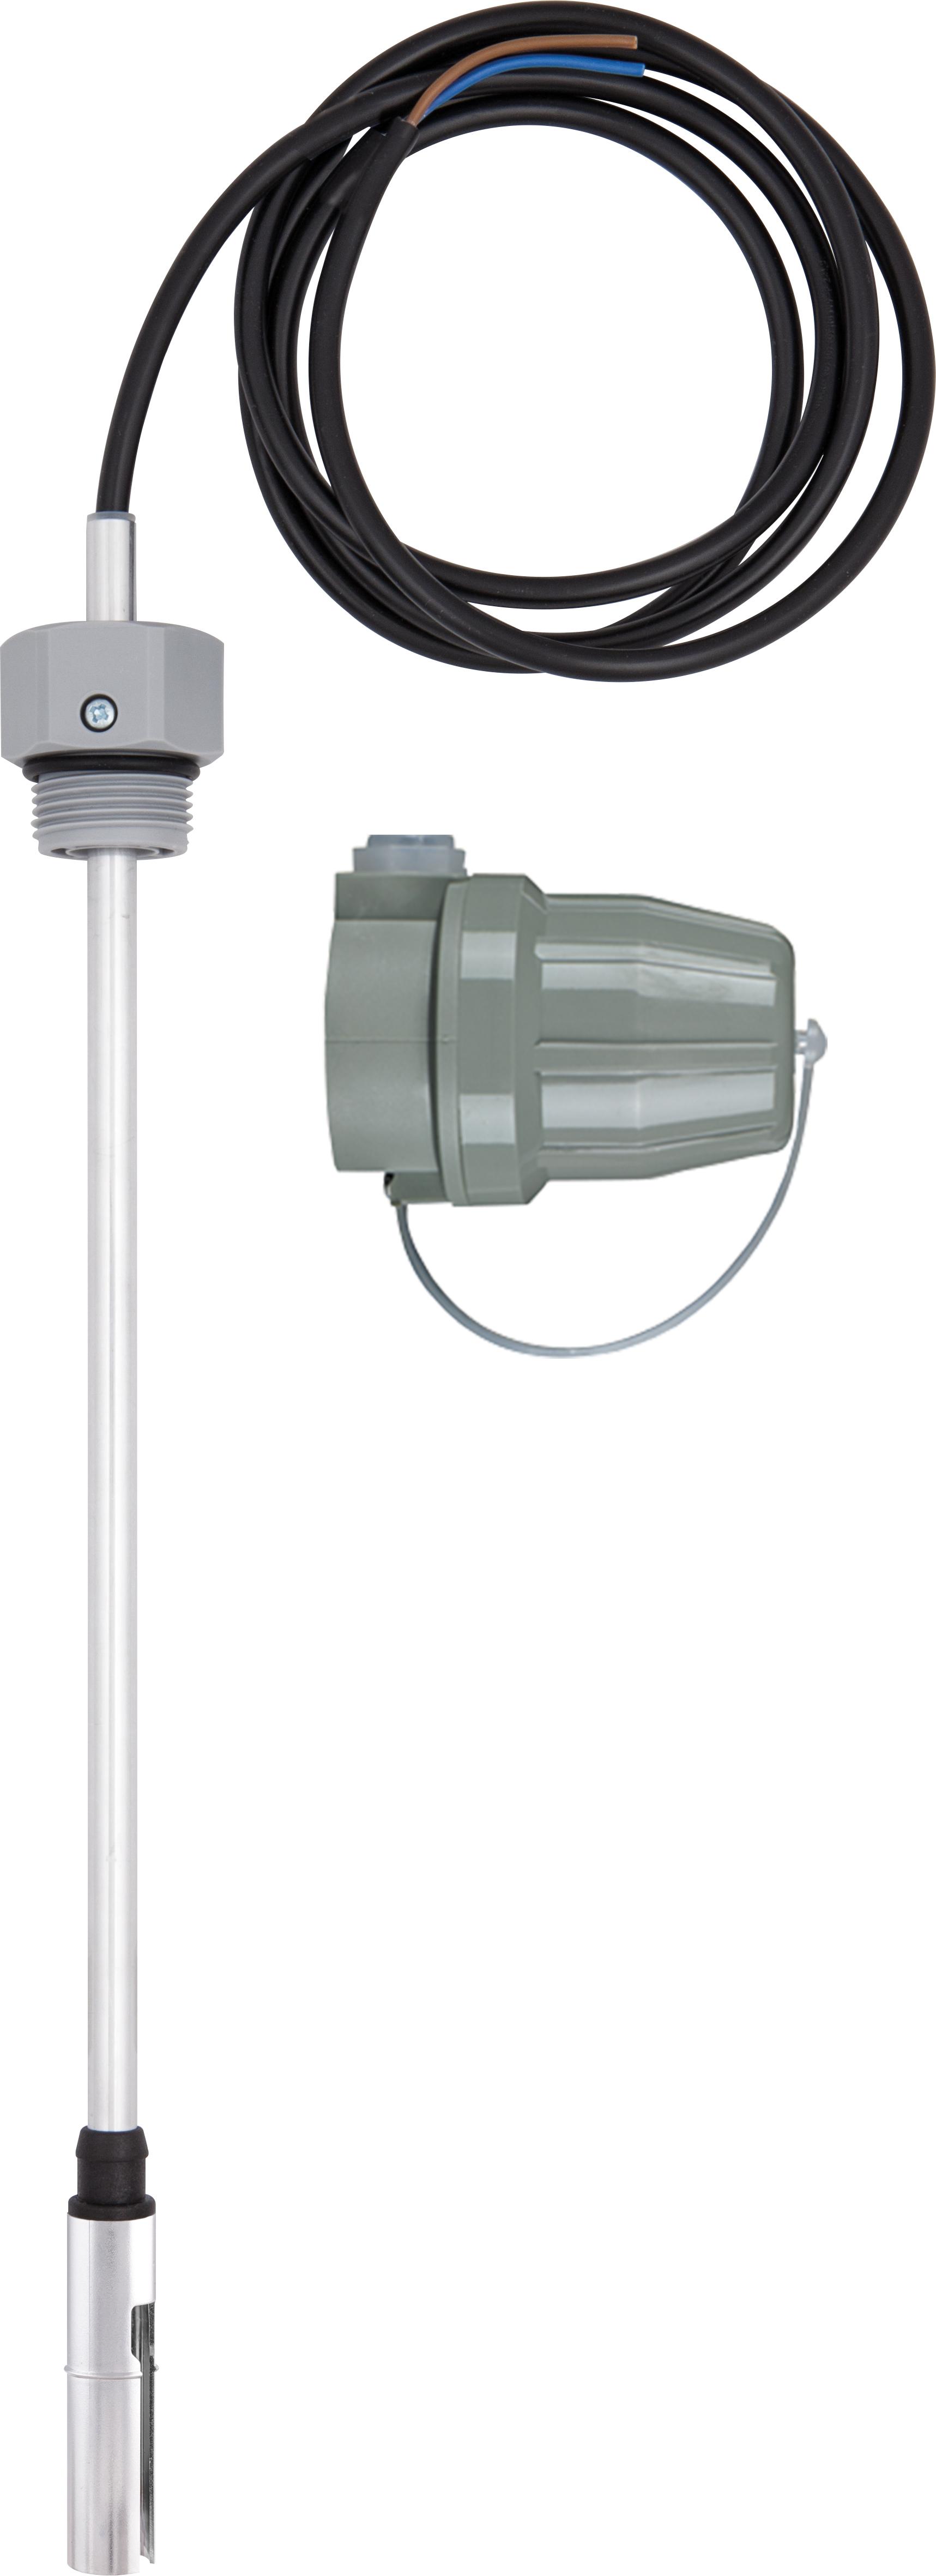 """Termistorowy czujnik wartości granicznej GWG 12 K/1, 360 mm, G1"""", kabel 5 m, wtyczka szara"""